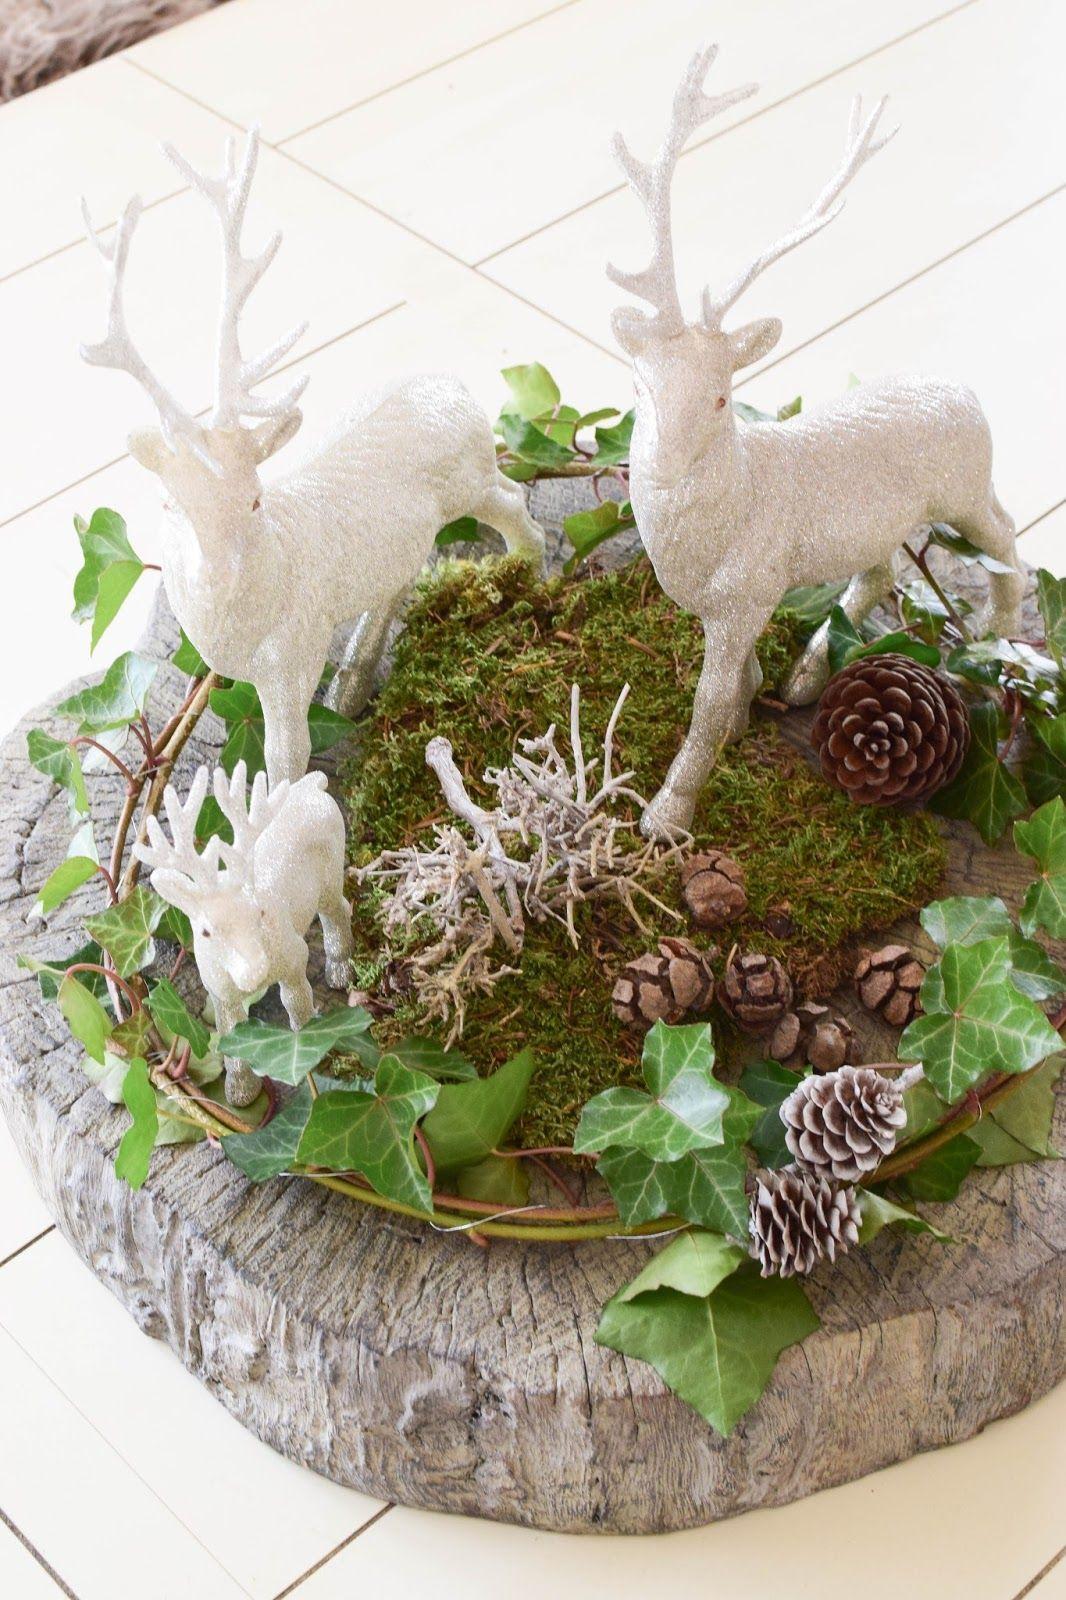 Verträumtes Tisch-Arrangement mit Efeu, Moos und ganz viel Winter #adventskranzaufbaumscheibe